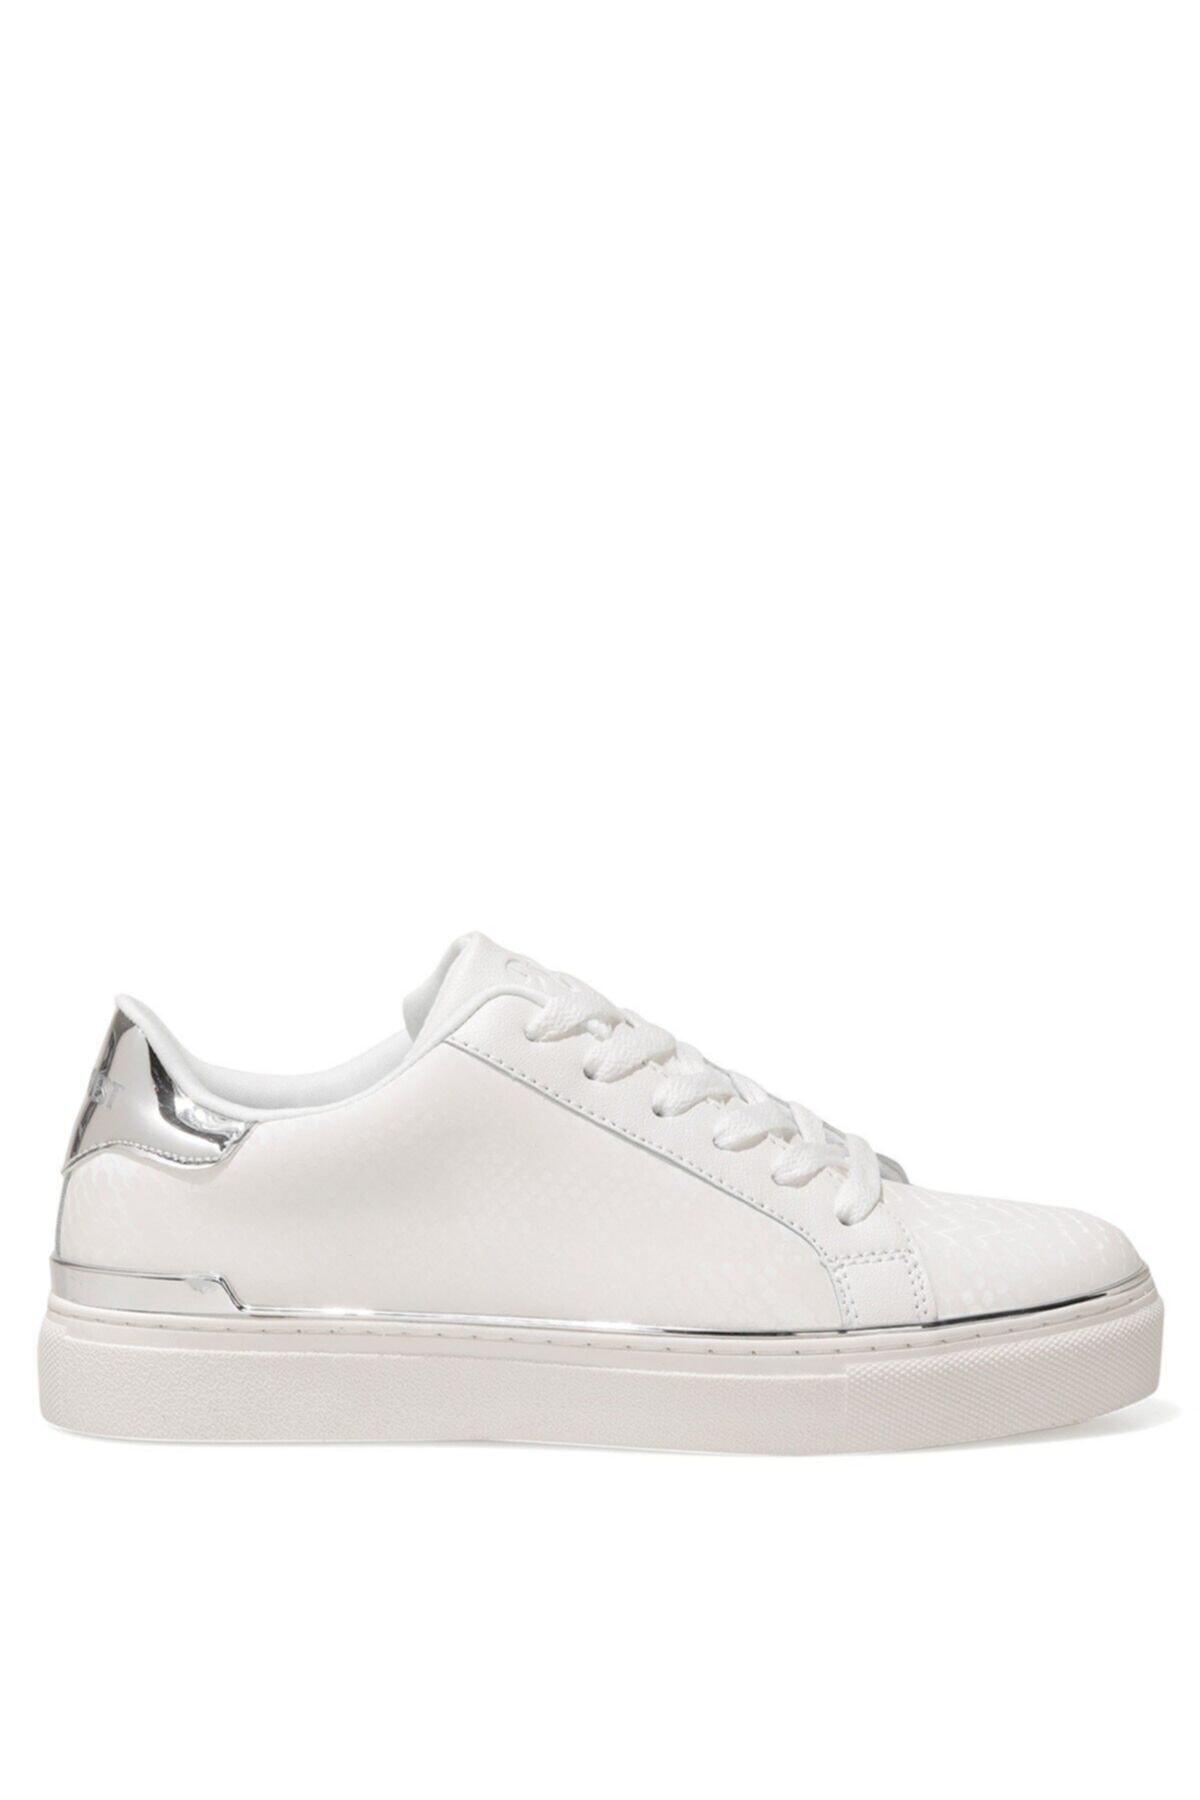 BEGANA 1FX Beyaz Kadın Sneaker Ayakkabı 101006860